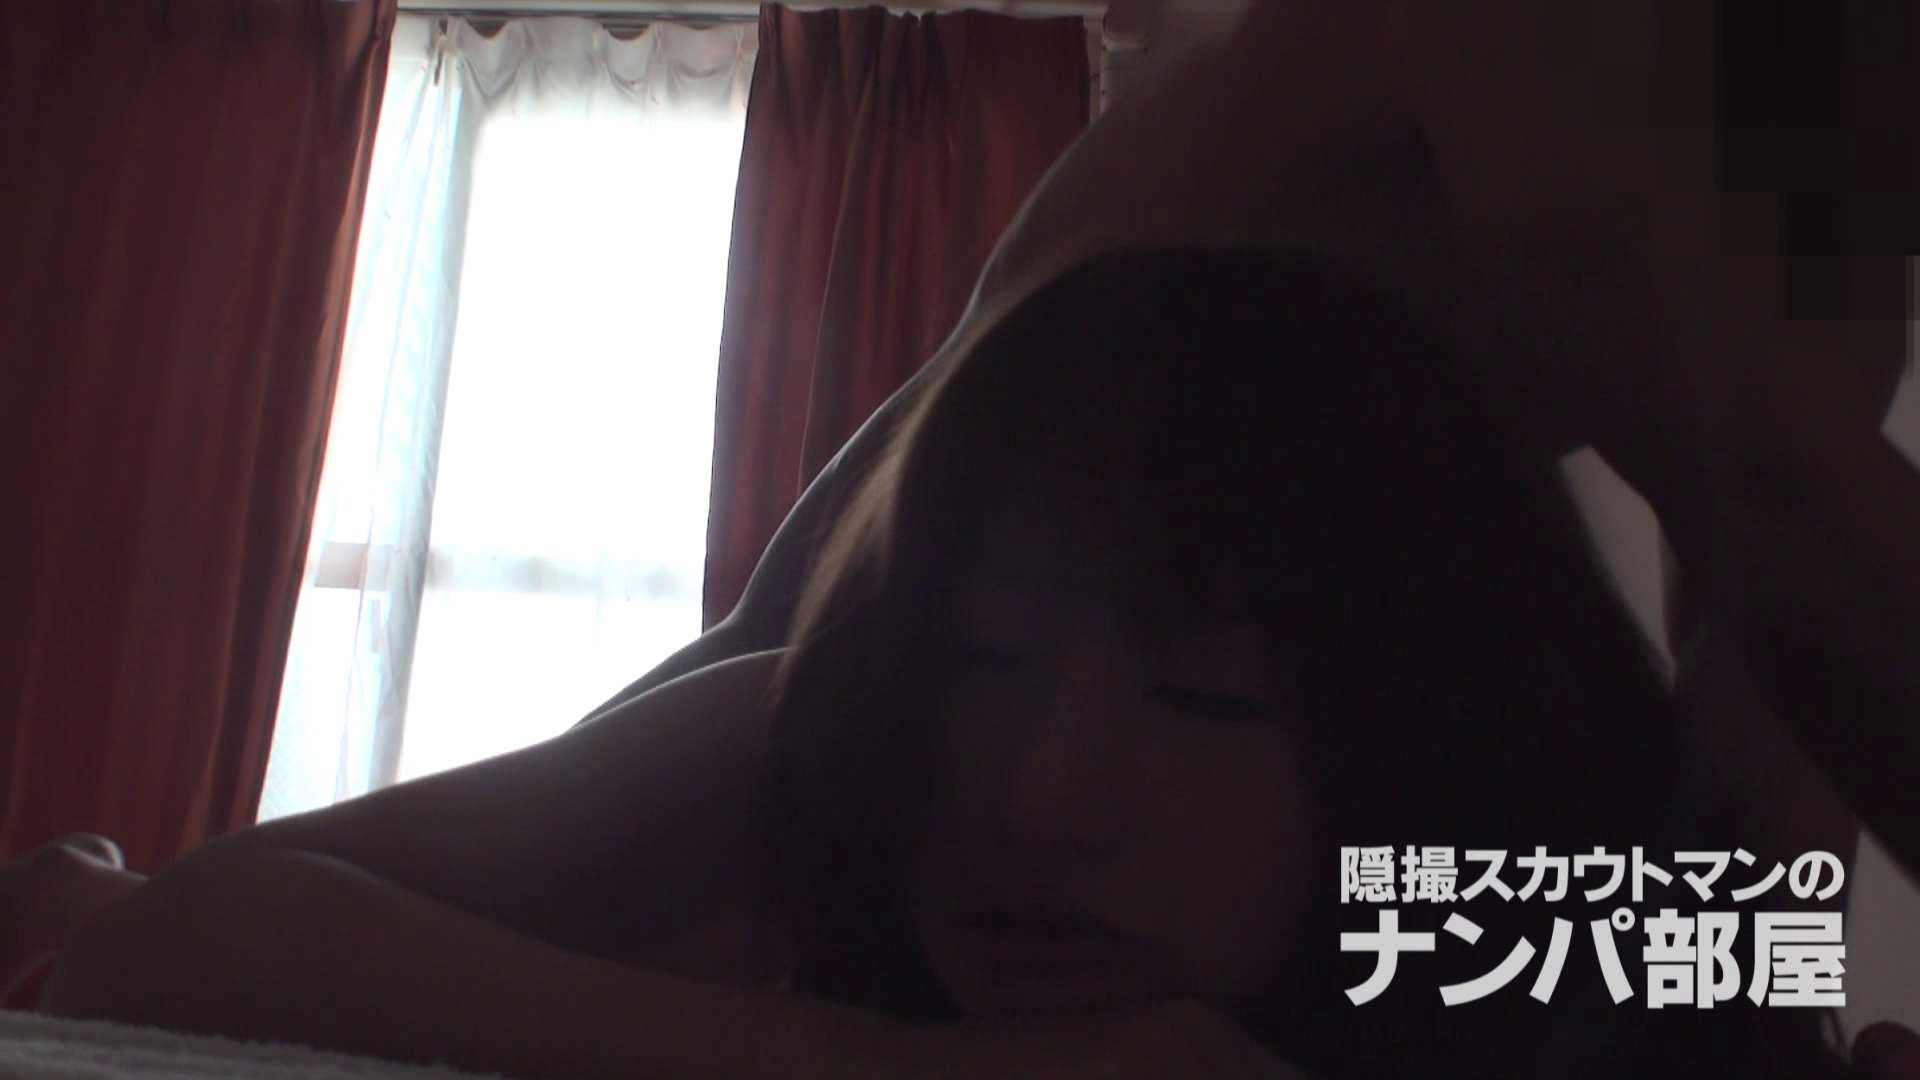 隠撮スカウトマンのナンパ部屋~風俗デビュー前のつまみ食い~ siivol.4 中出し エロ無料画像 74pic 53